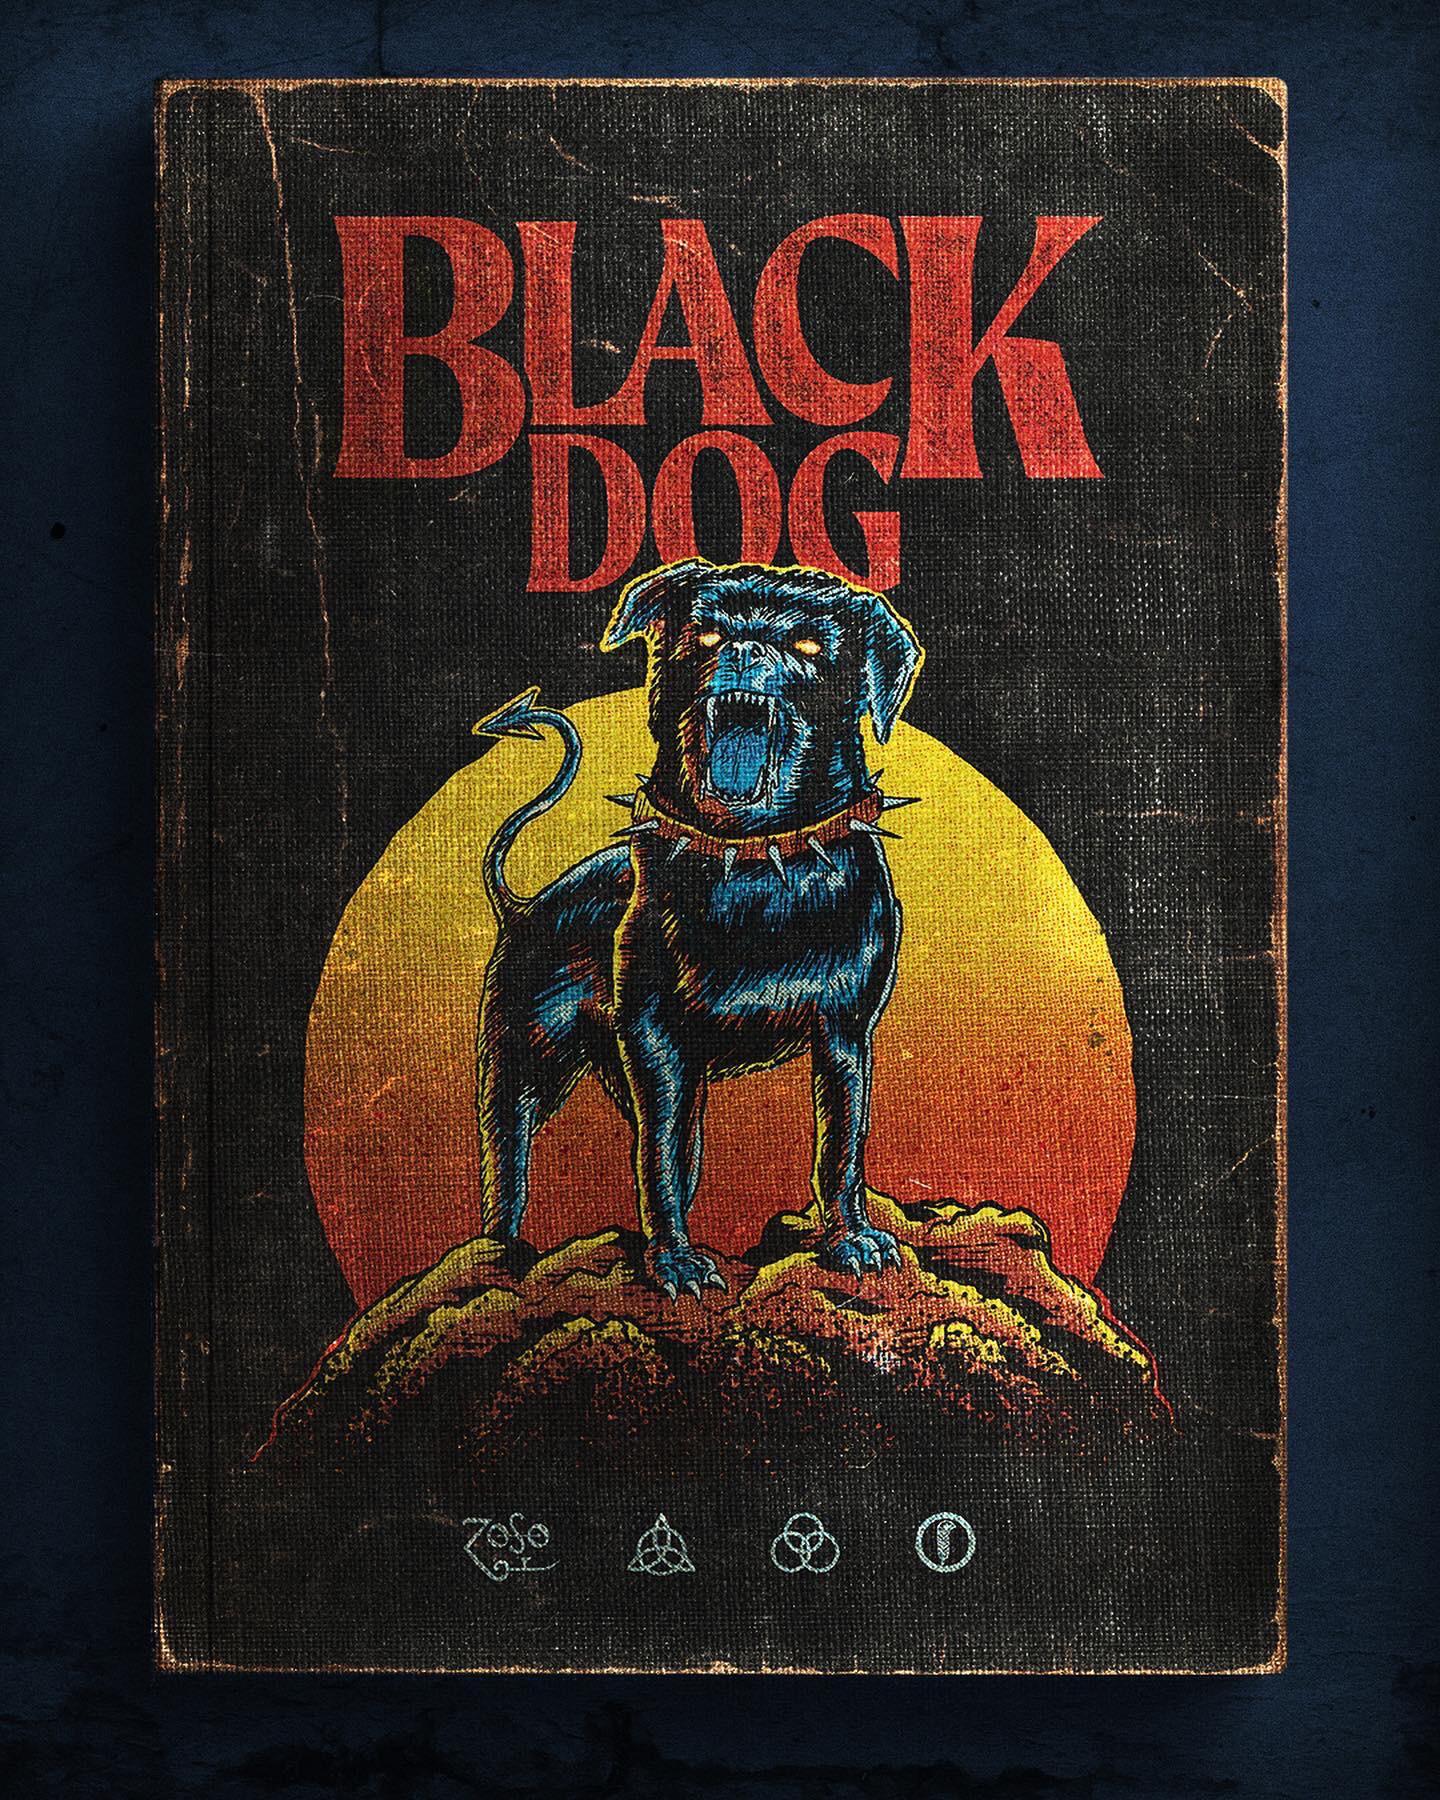 a bit of artwork i did for black dog